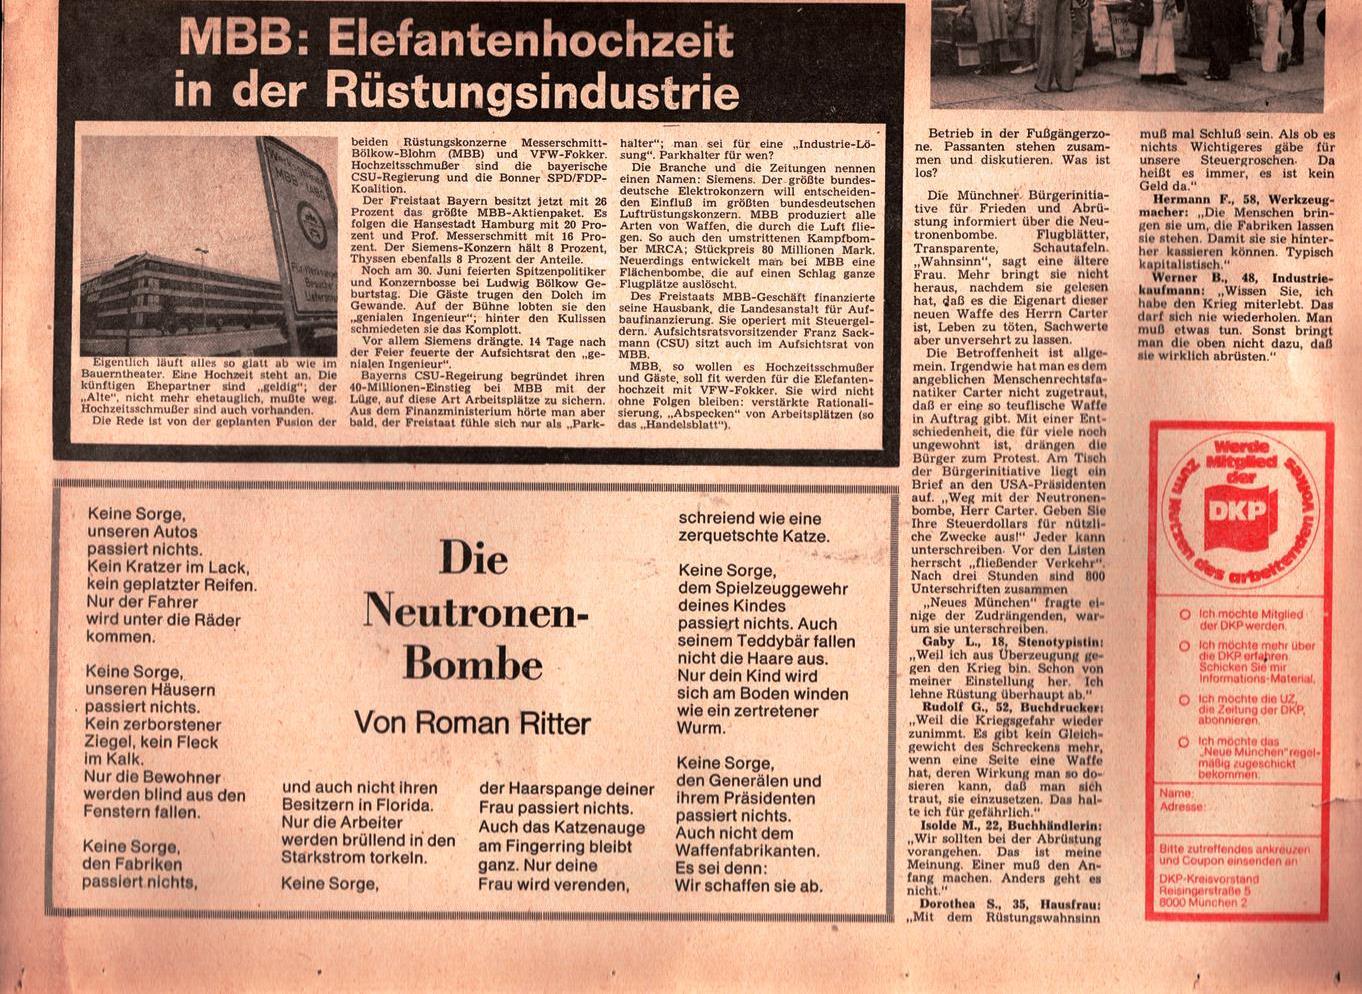 Muenchen_DKP_Neues_Muenchen_19770800_008_016